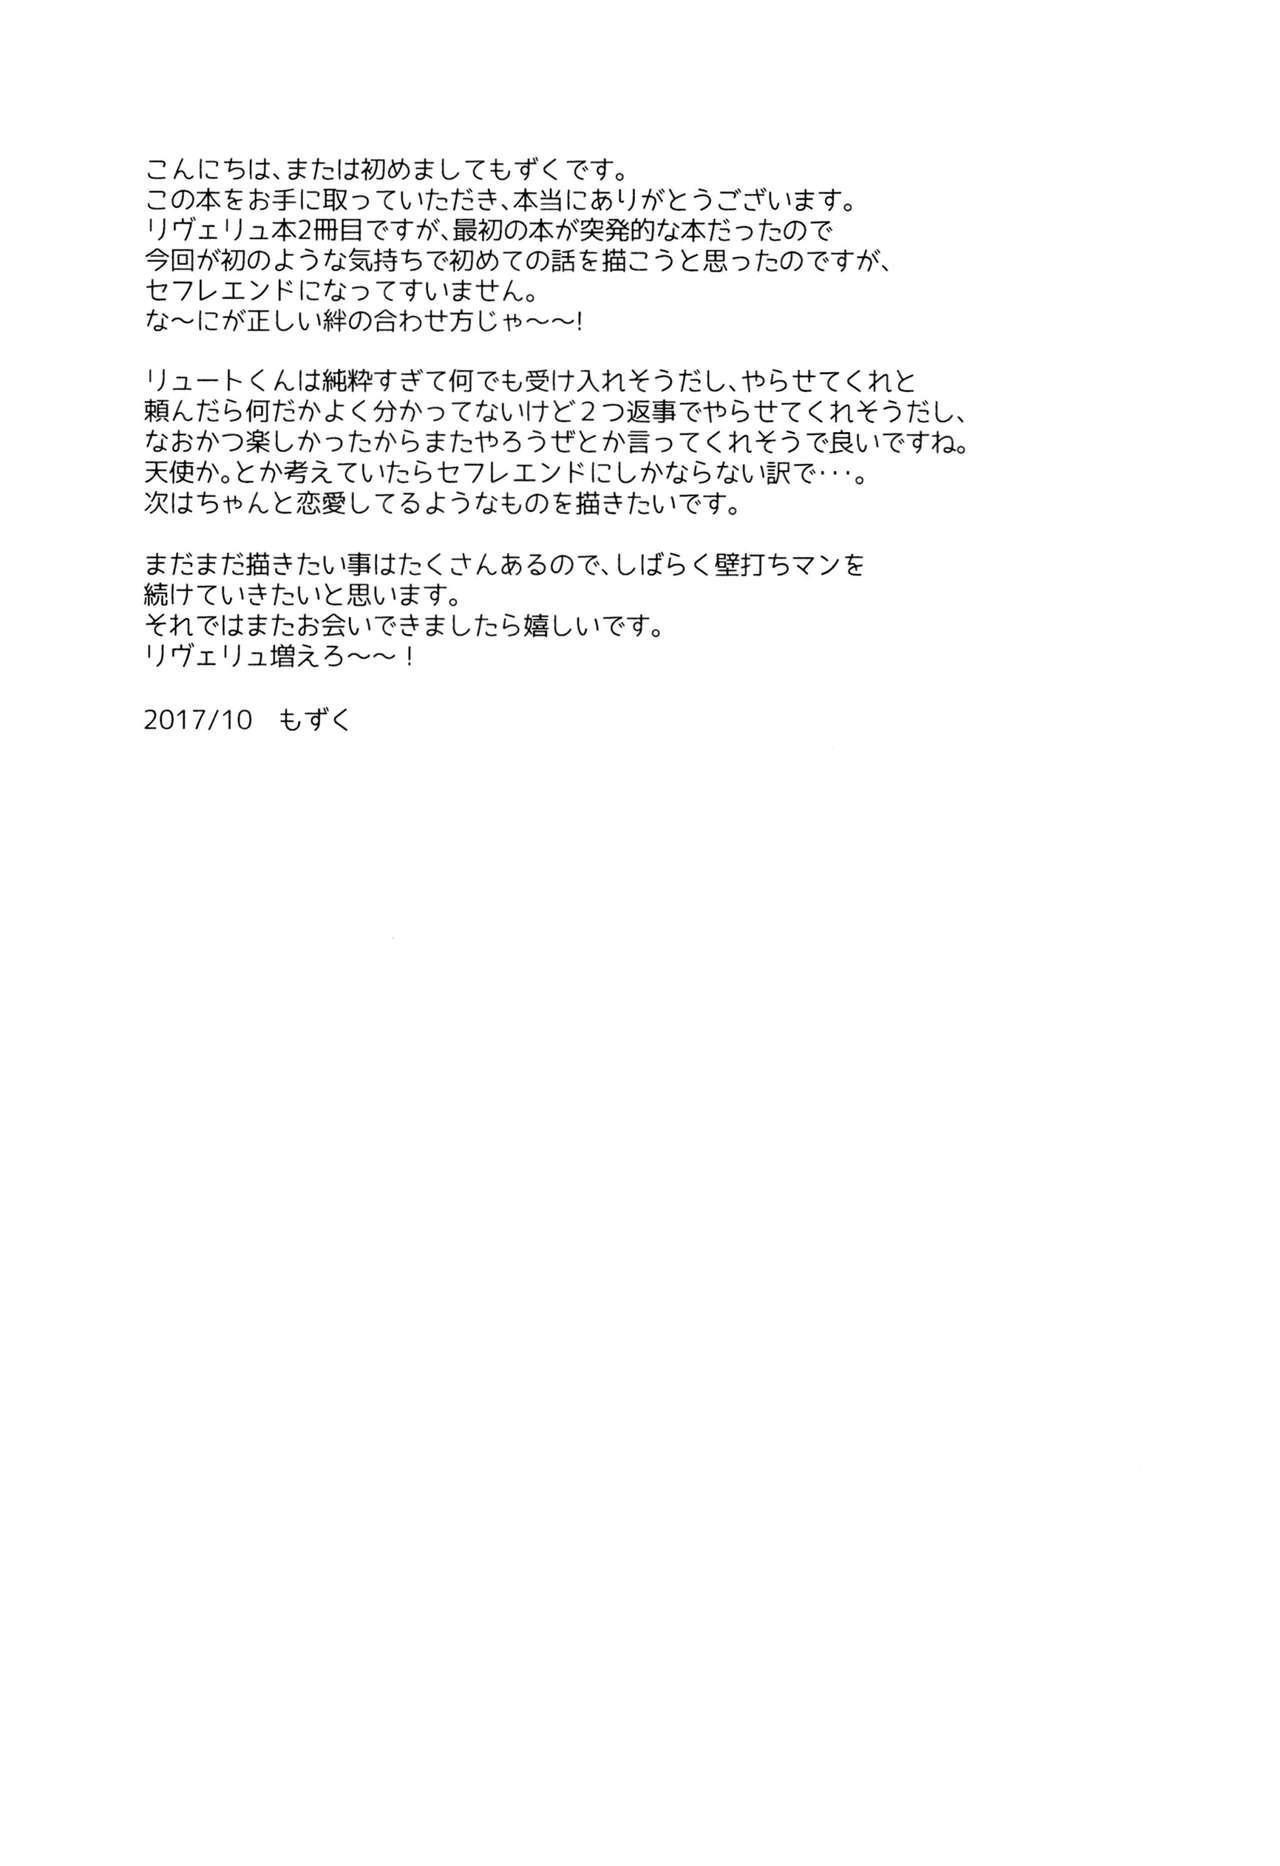 Tadashii Kizuna no Awasekata 27